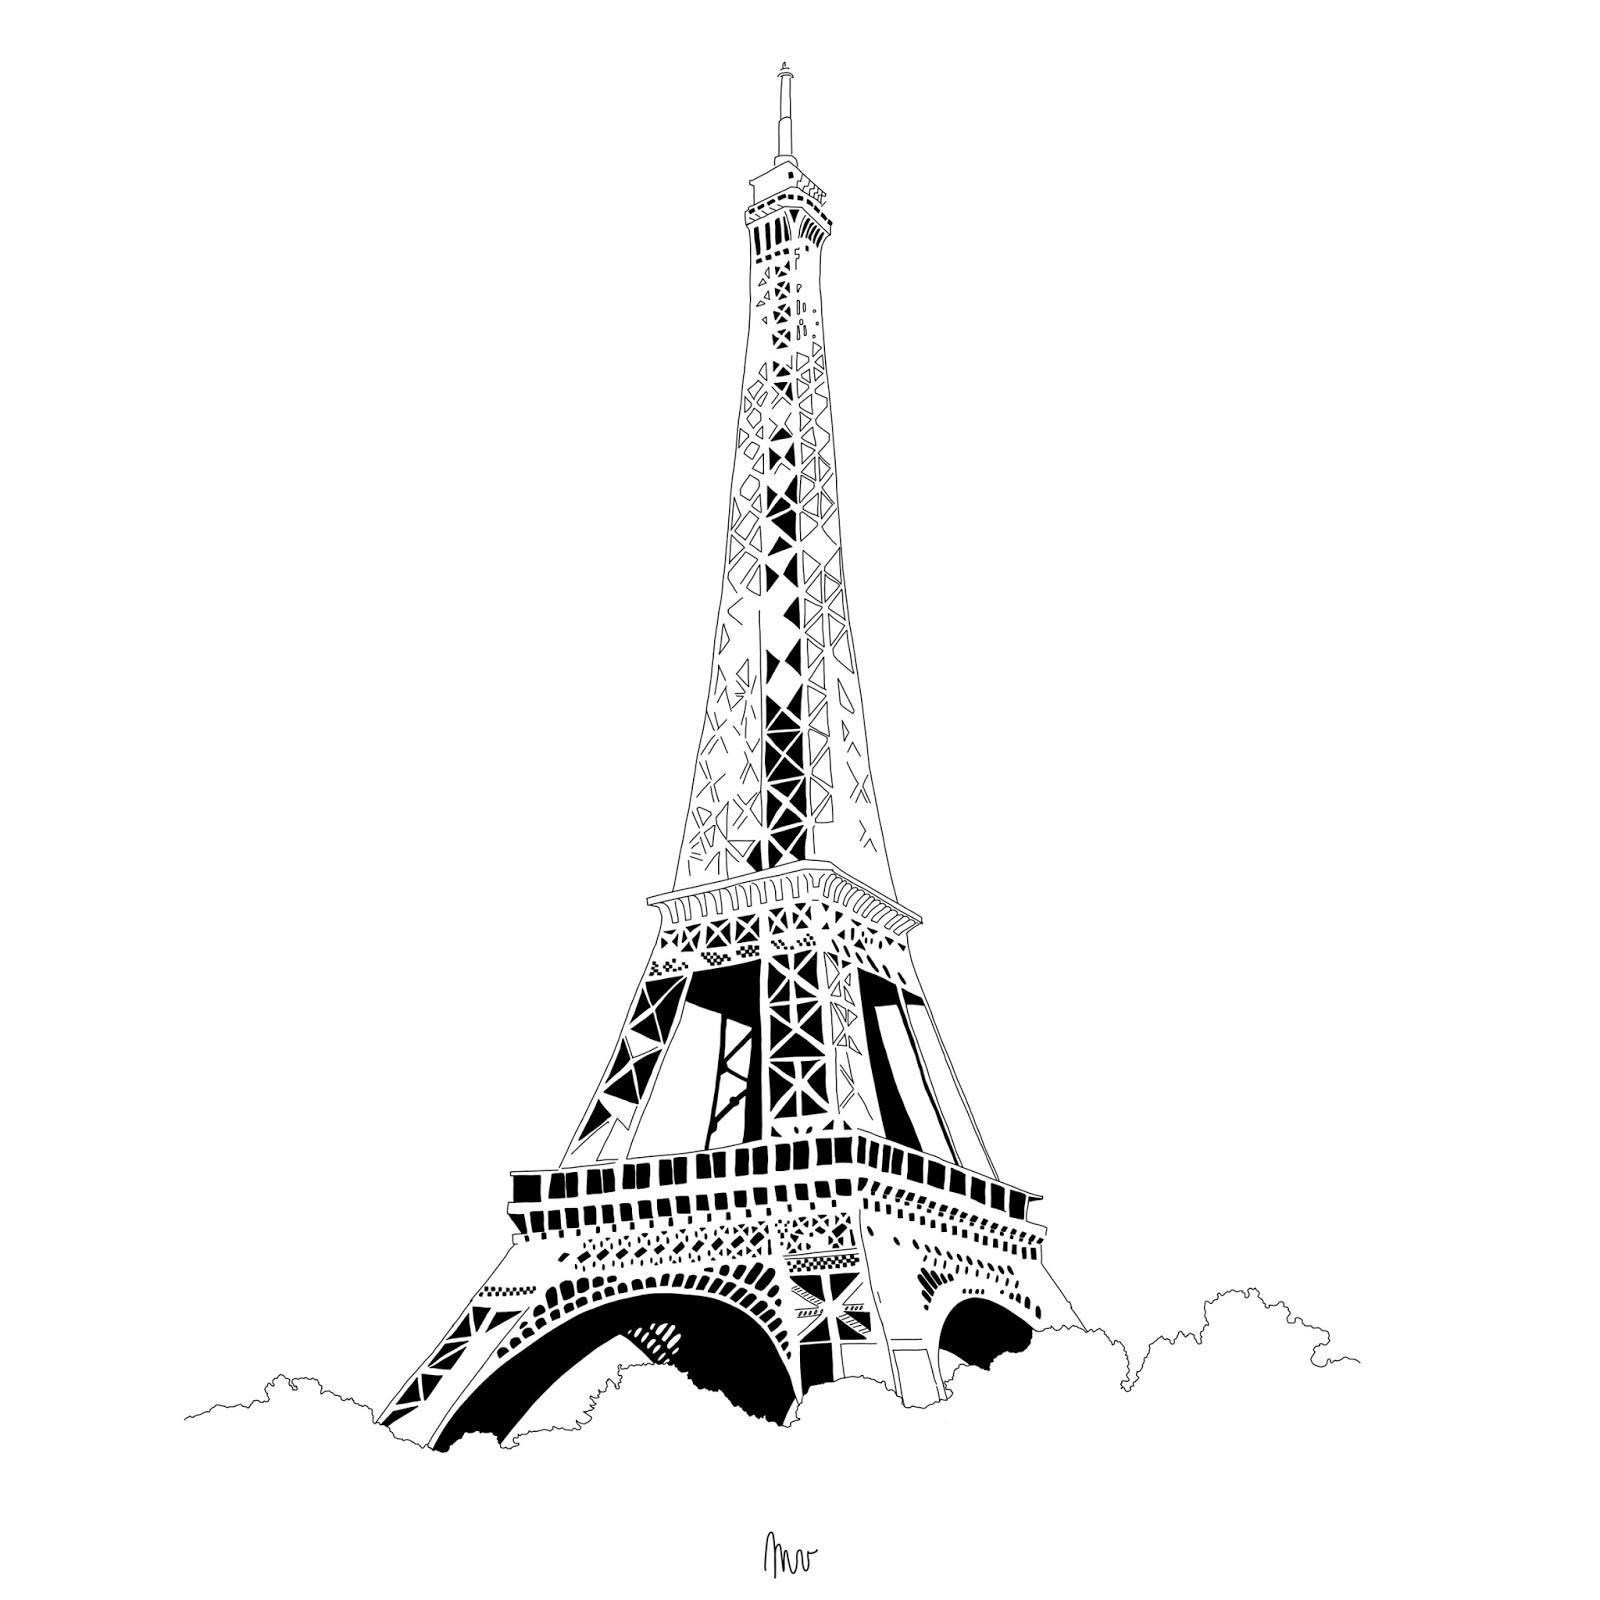 Luxe image colorier de la tour eiffel - Dessin tour eiffel a imprimer ...